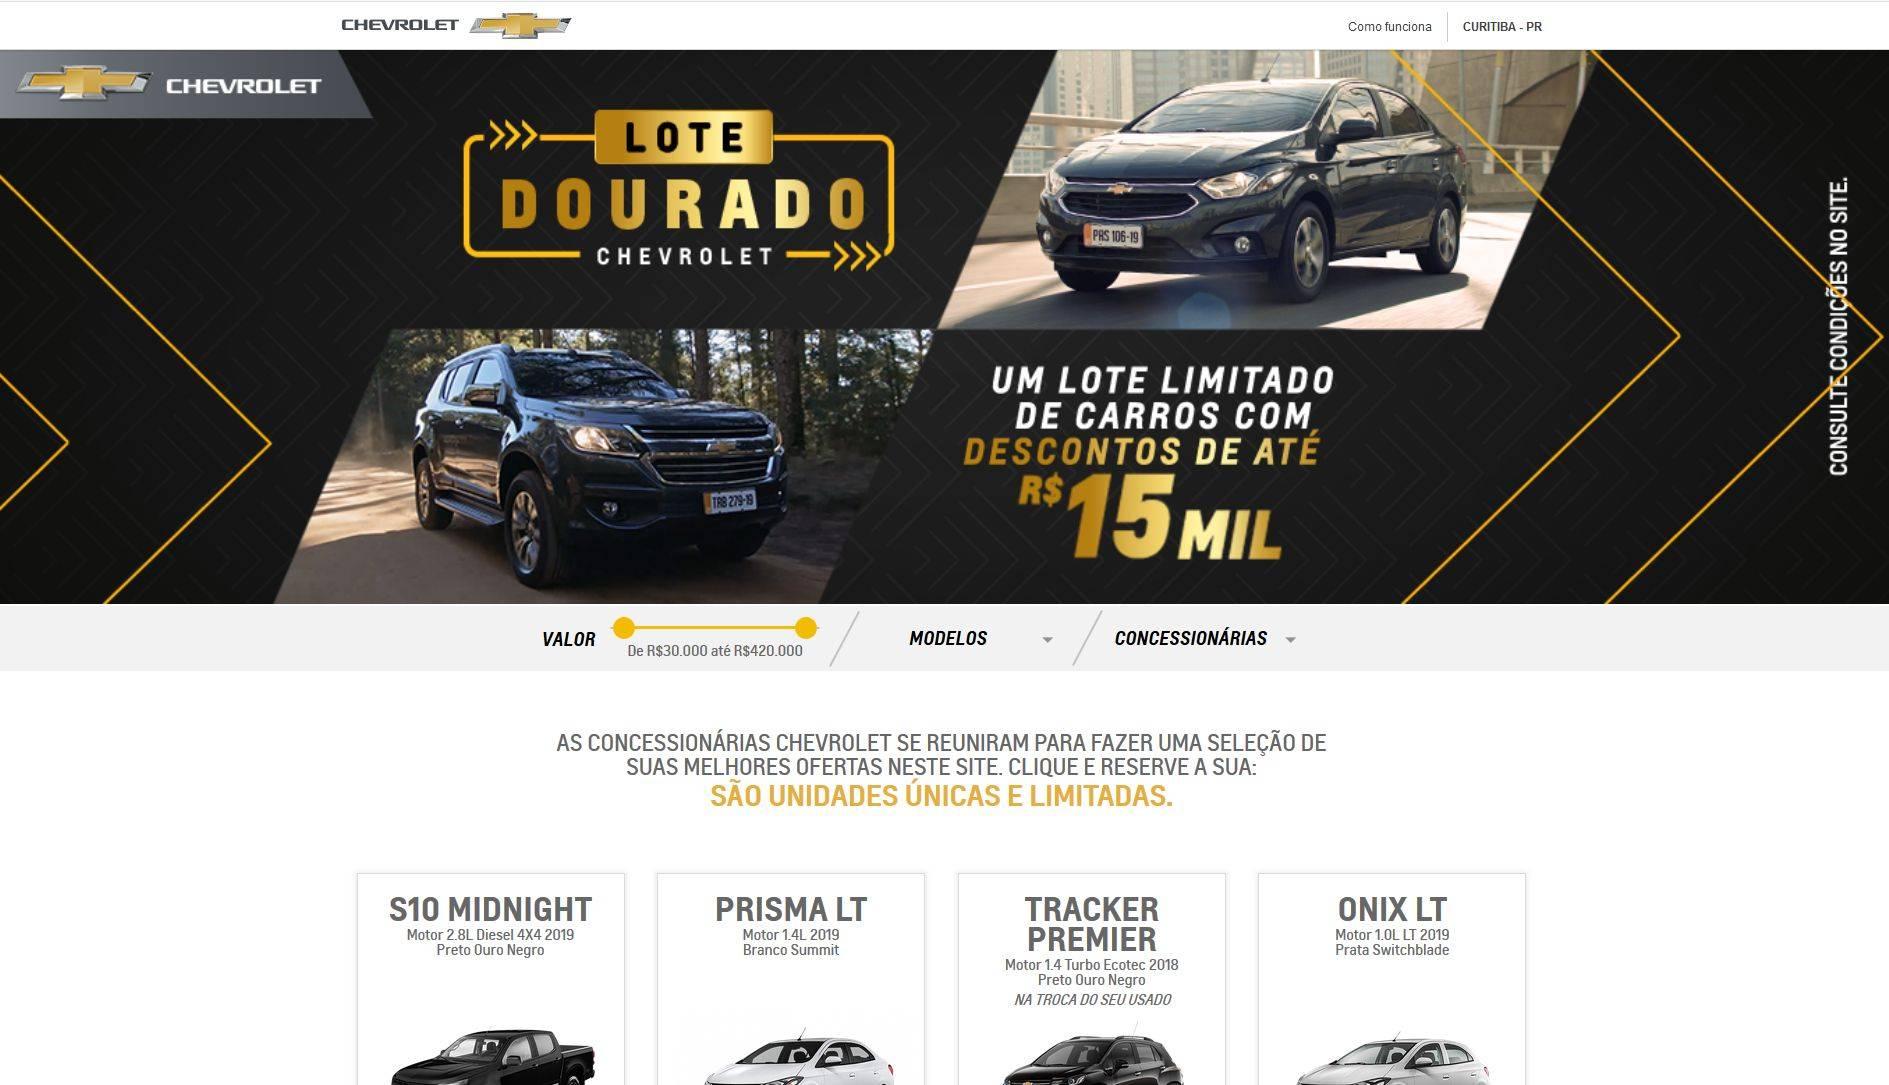 Site oficial da marca mostra promoções por todo o país. Foto: Reprodução/ Site Chevrolet